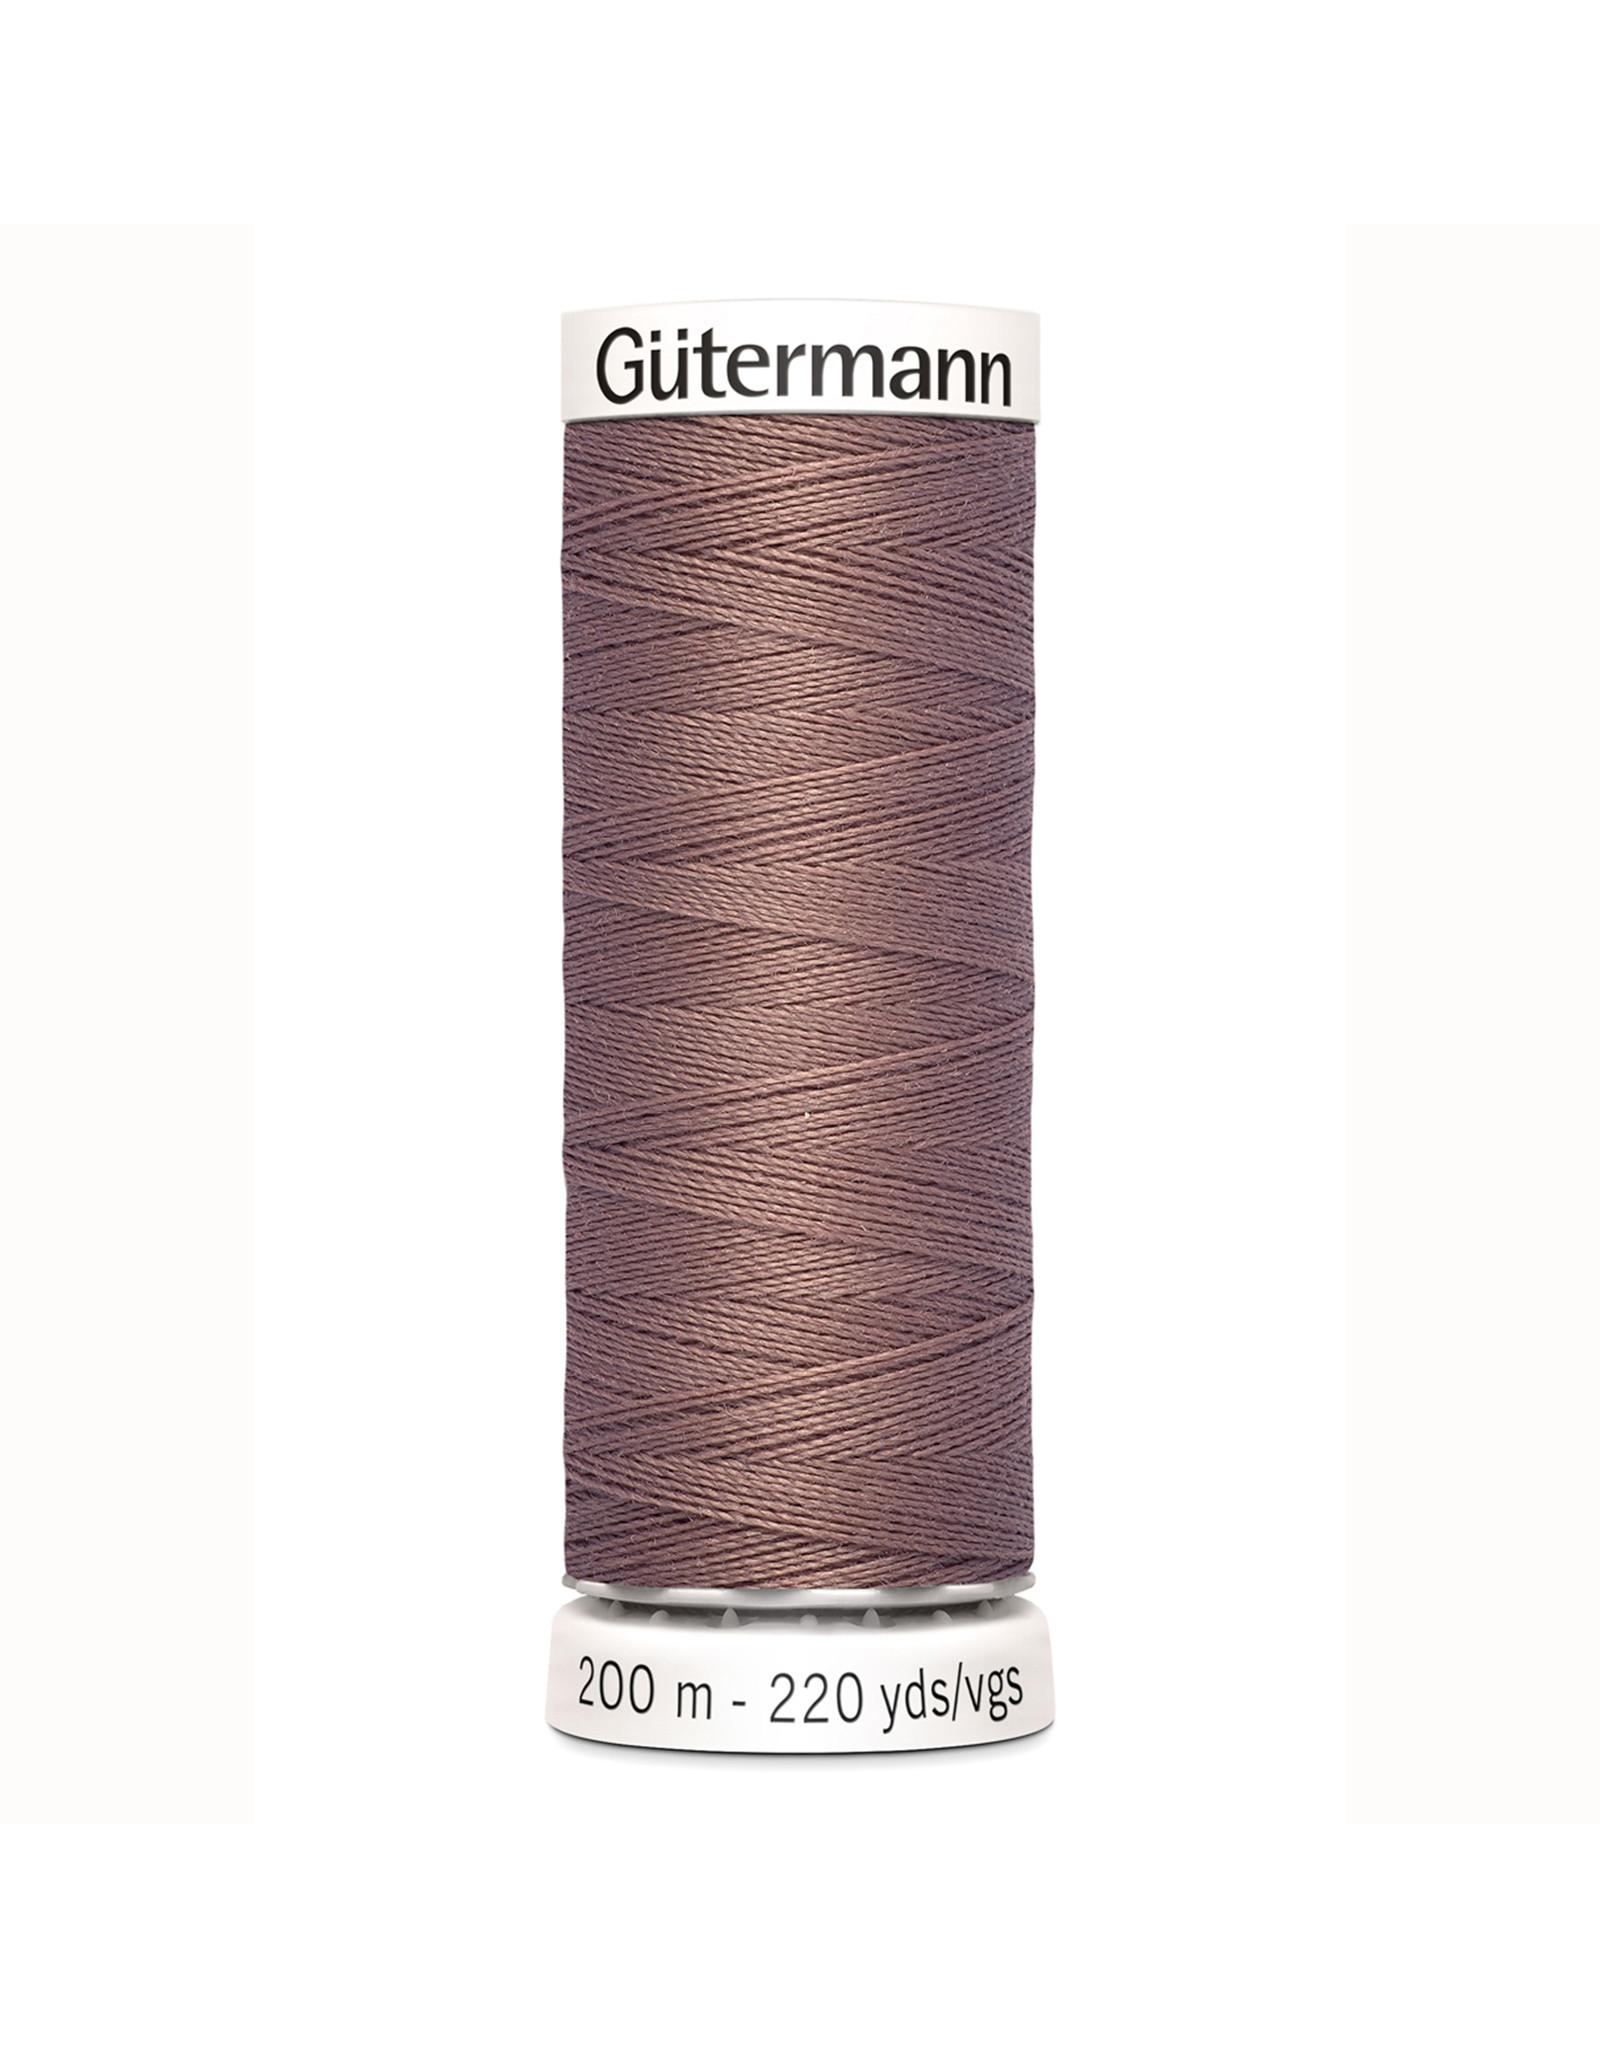 Gütermann Gütermann Nähgarn 200 m - nr 216